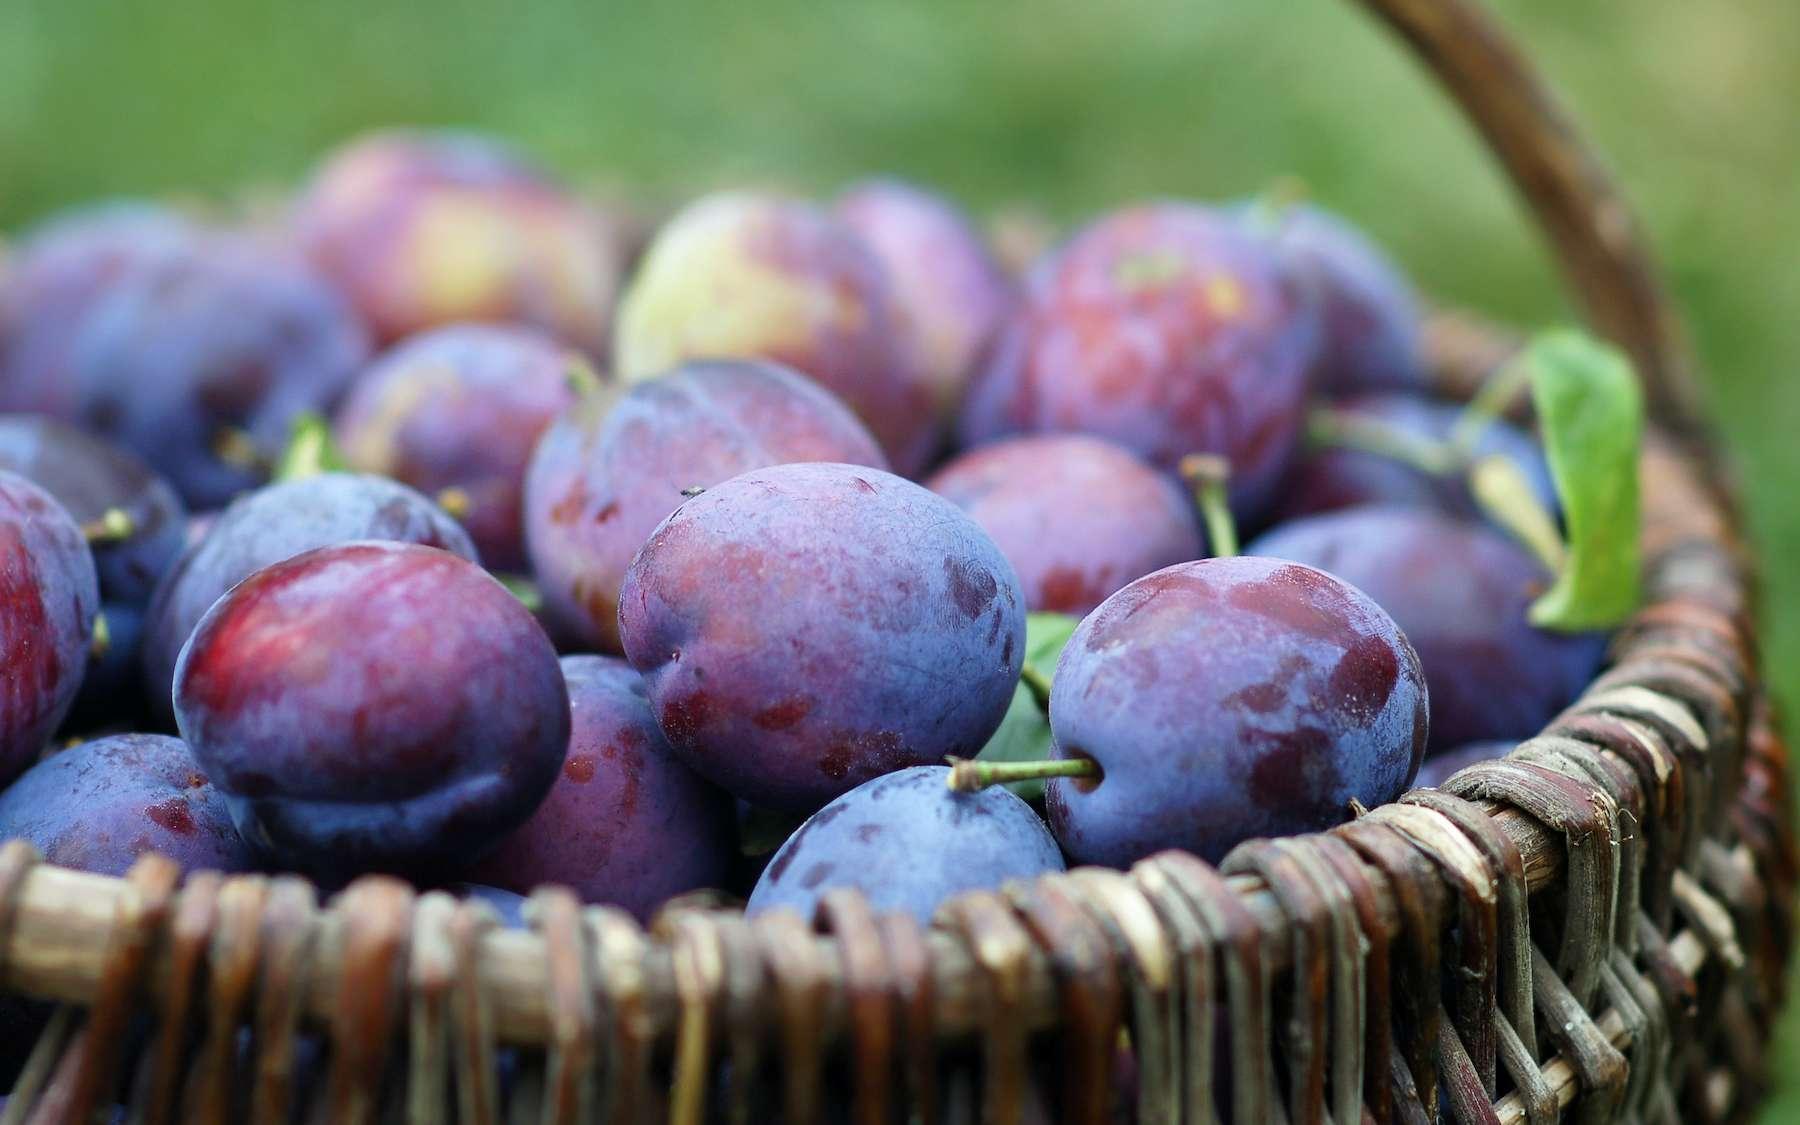 La quetsche, une prune originaire d'Alsace, à déguster nature ou en tarte. © Alkimson, Adobe Stock